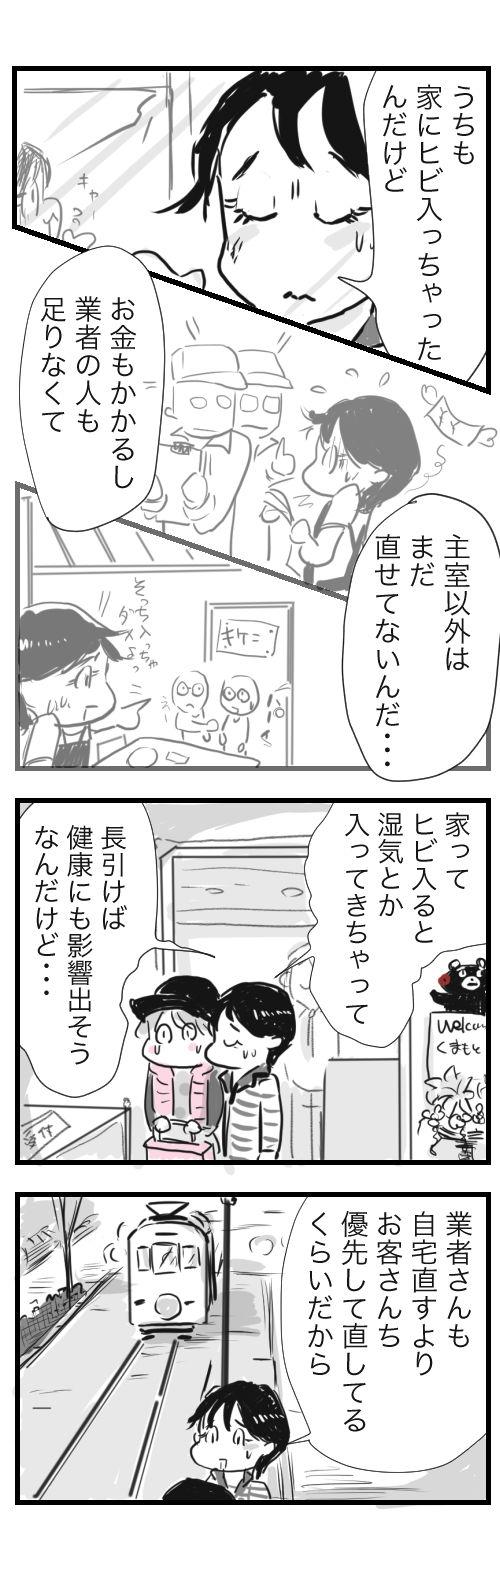 熊本レポ6−3−2